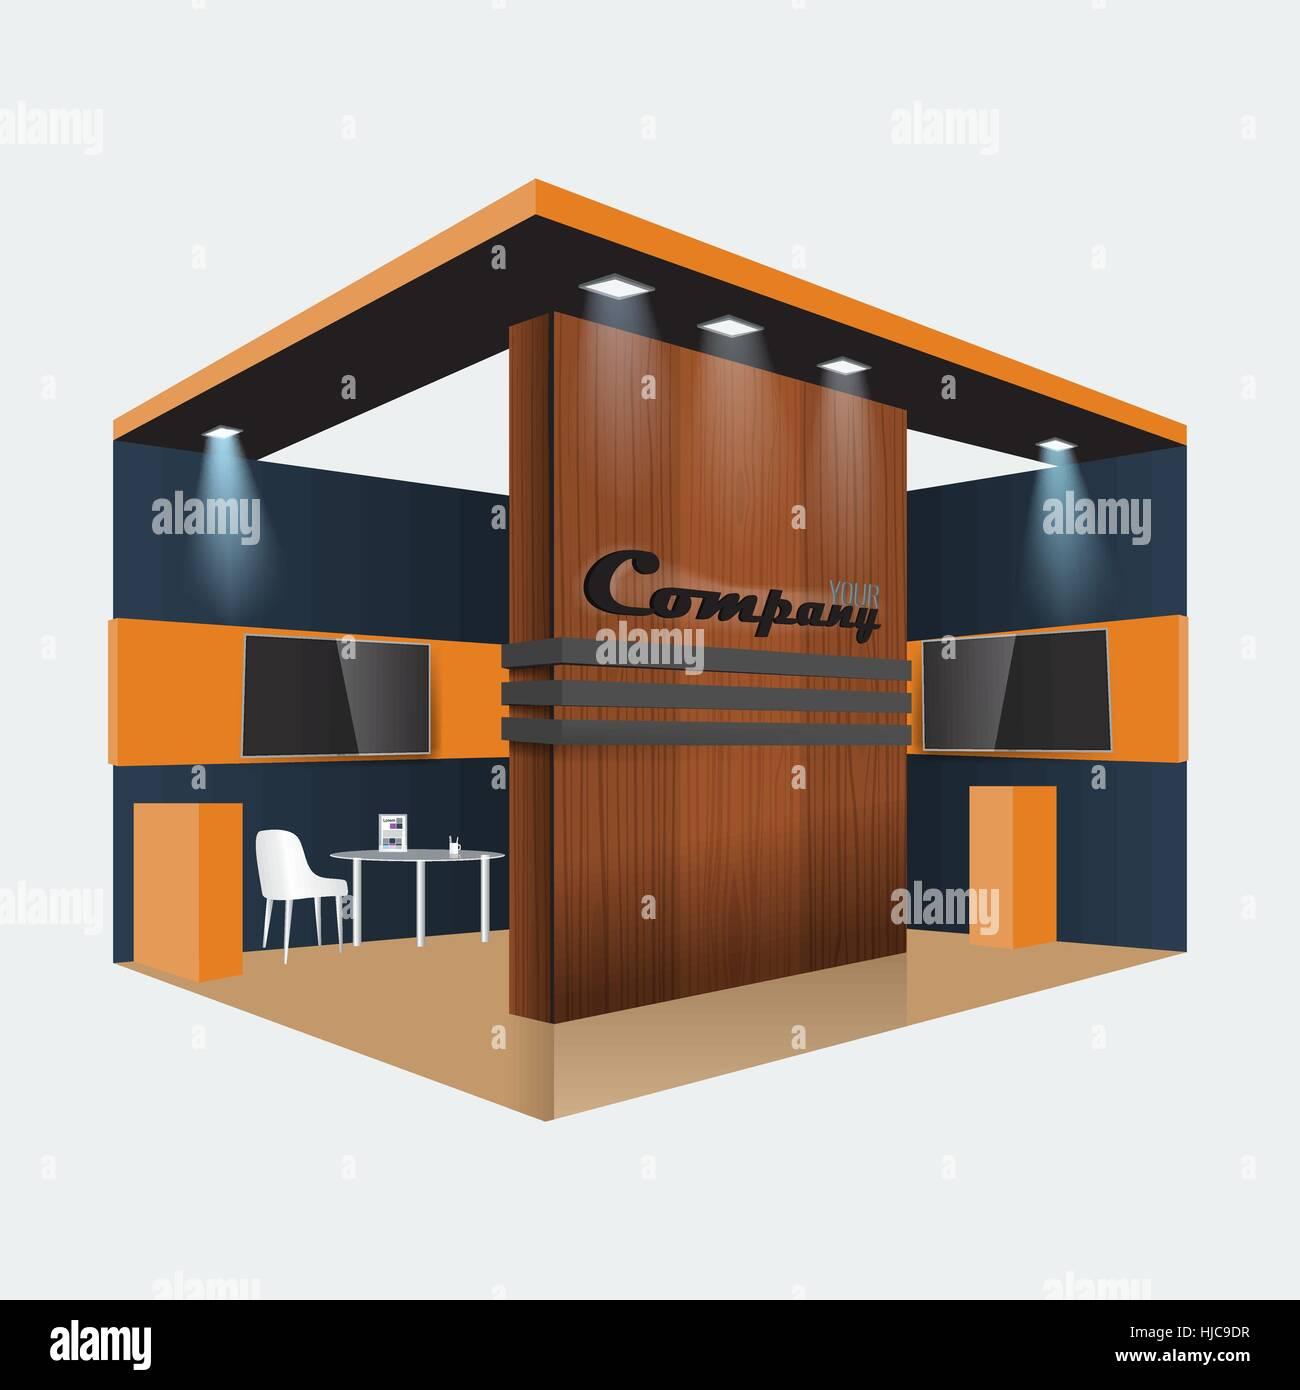 Einzigartige Kreative Holz Ausstellung Stand Display Design Infotafel, Roll  Up Für Eine Möbelfirma Illustriert. Vektor Mock Up Display Und Ich